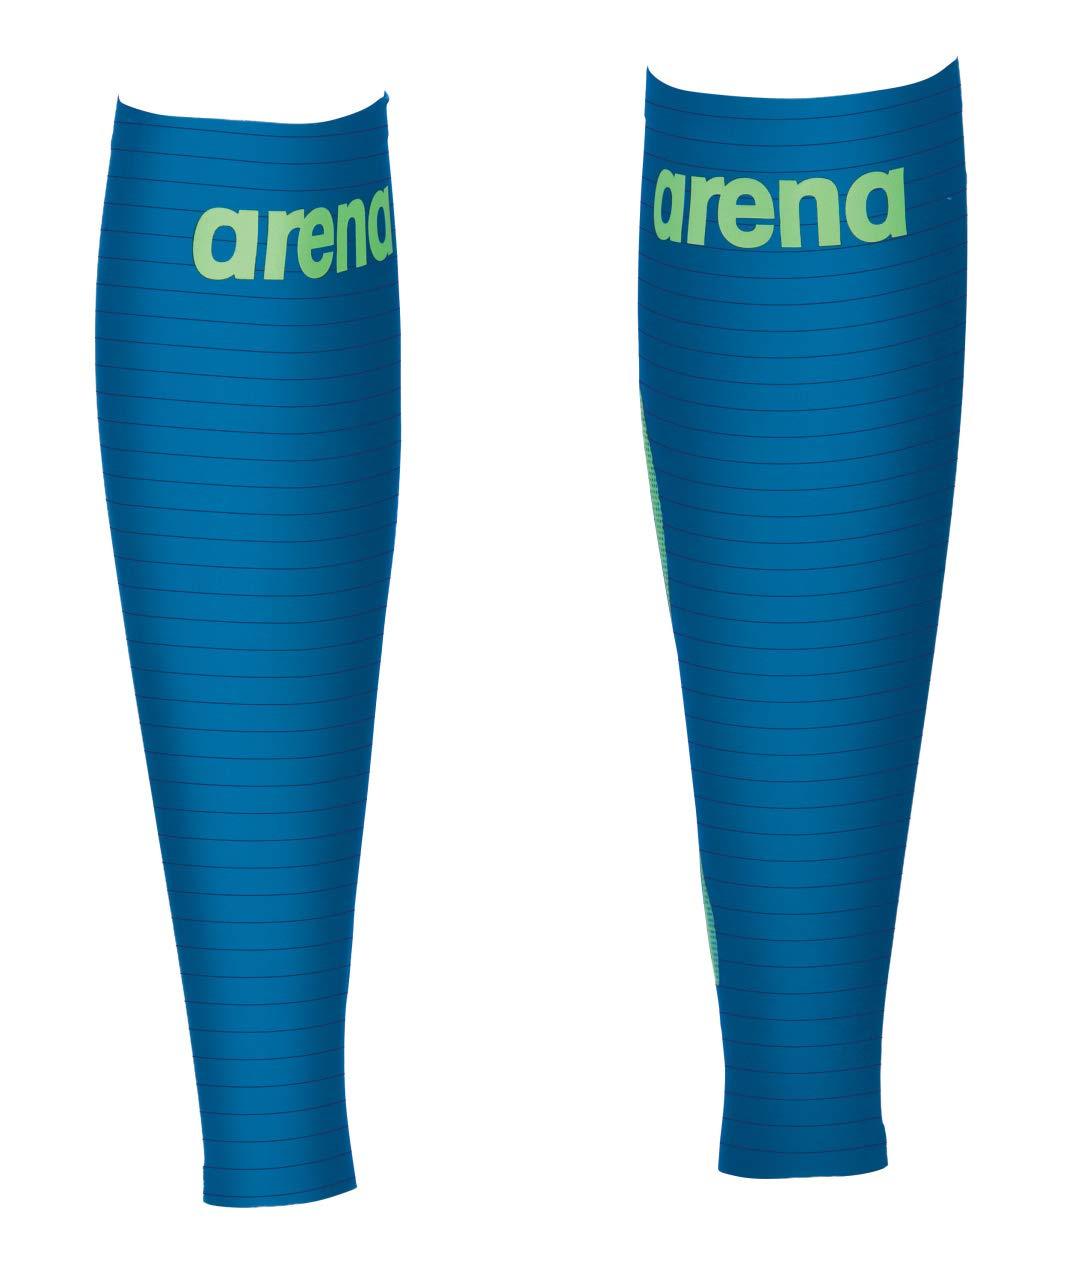 arena Unisex Kompressions Beinlinge für Aufwärm- oder Erholungsphasen (Carbon